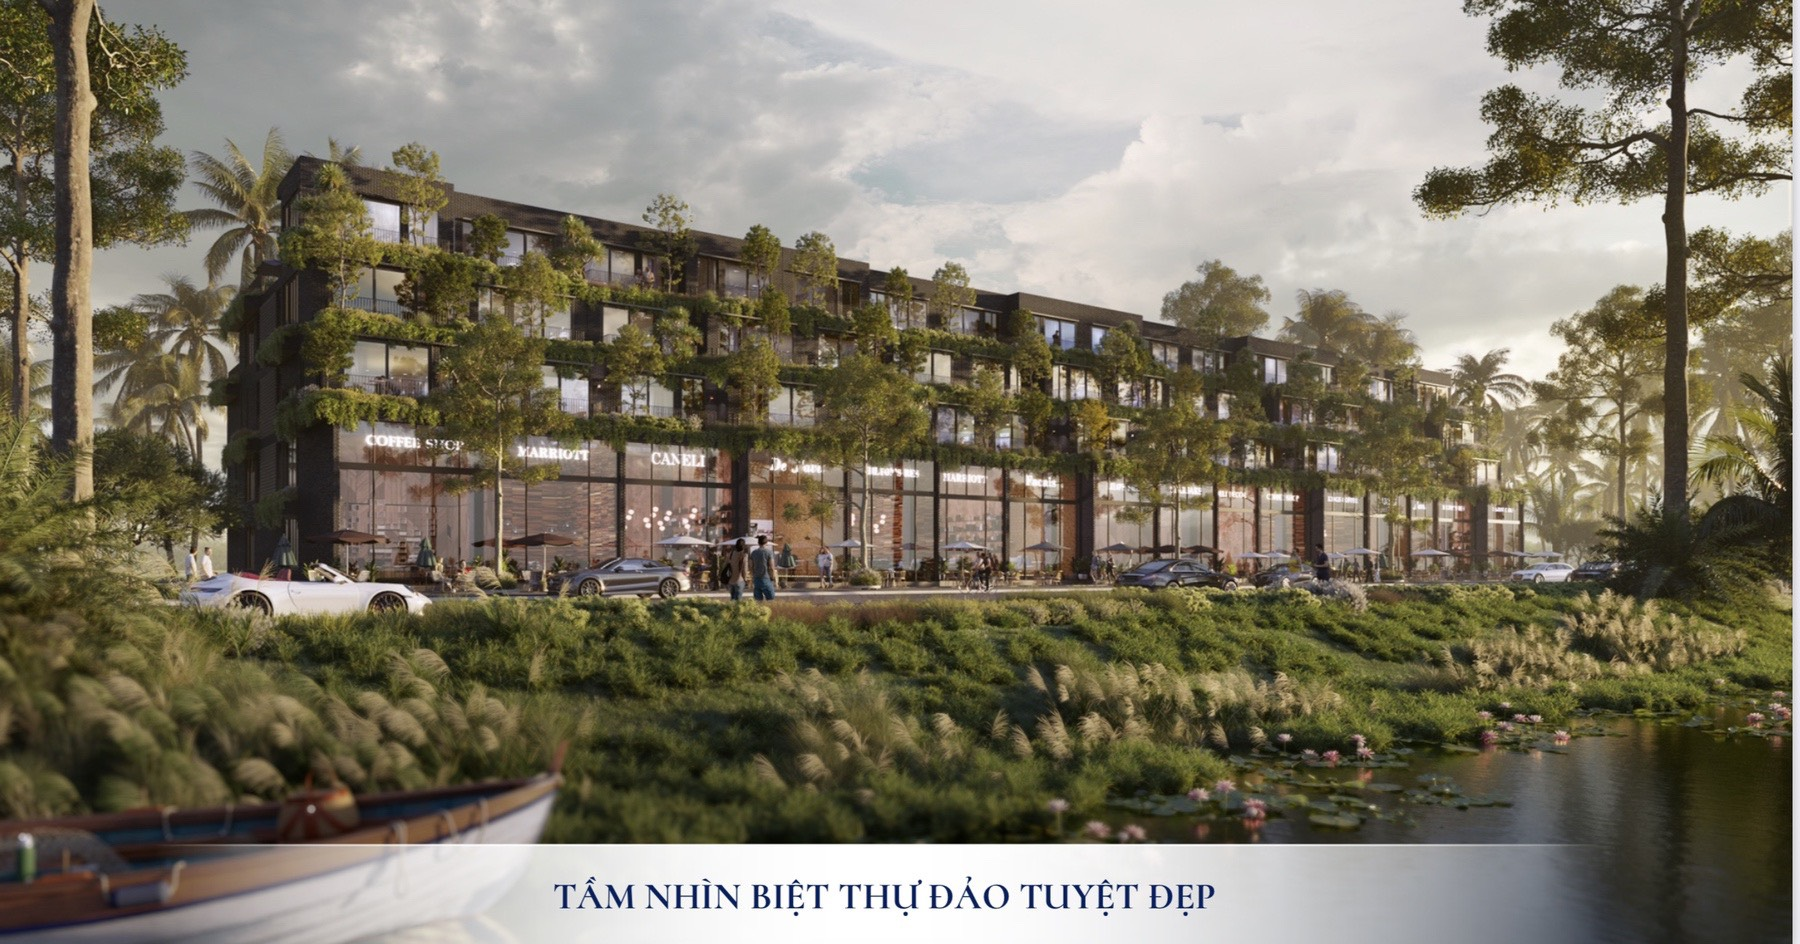 Các căn Biệt thự đơn lập Ecopark Vinh nằm tại vị trí đẹp nhất của dự án (Hình ảnh minh họa mang tính định hướng sản phẩm)